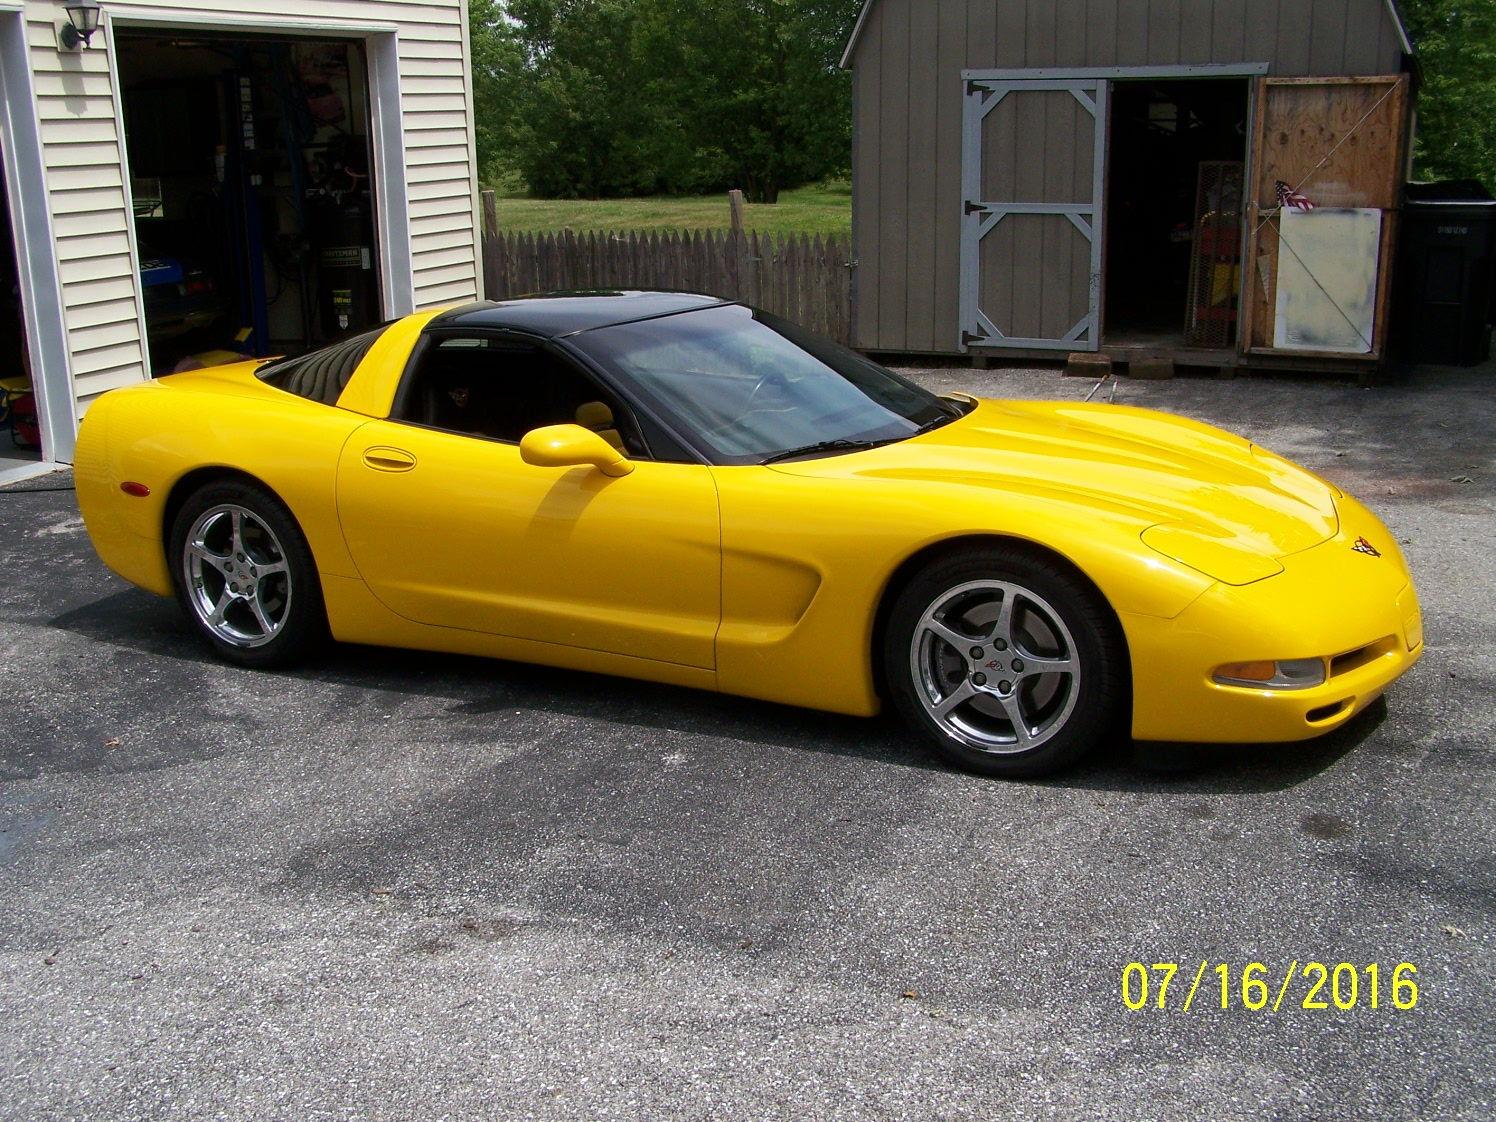 2000 Millennium Yellow C5 Corvetteforum Chevrolet